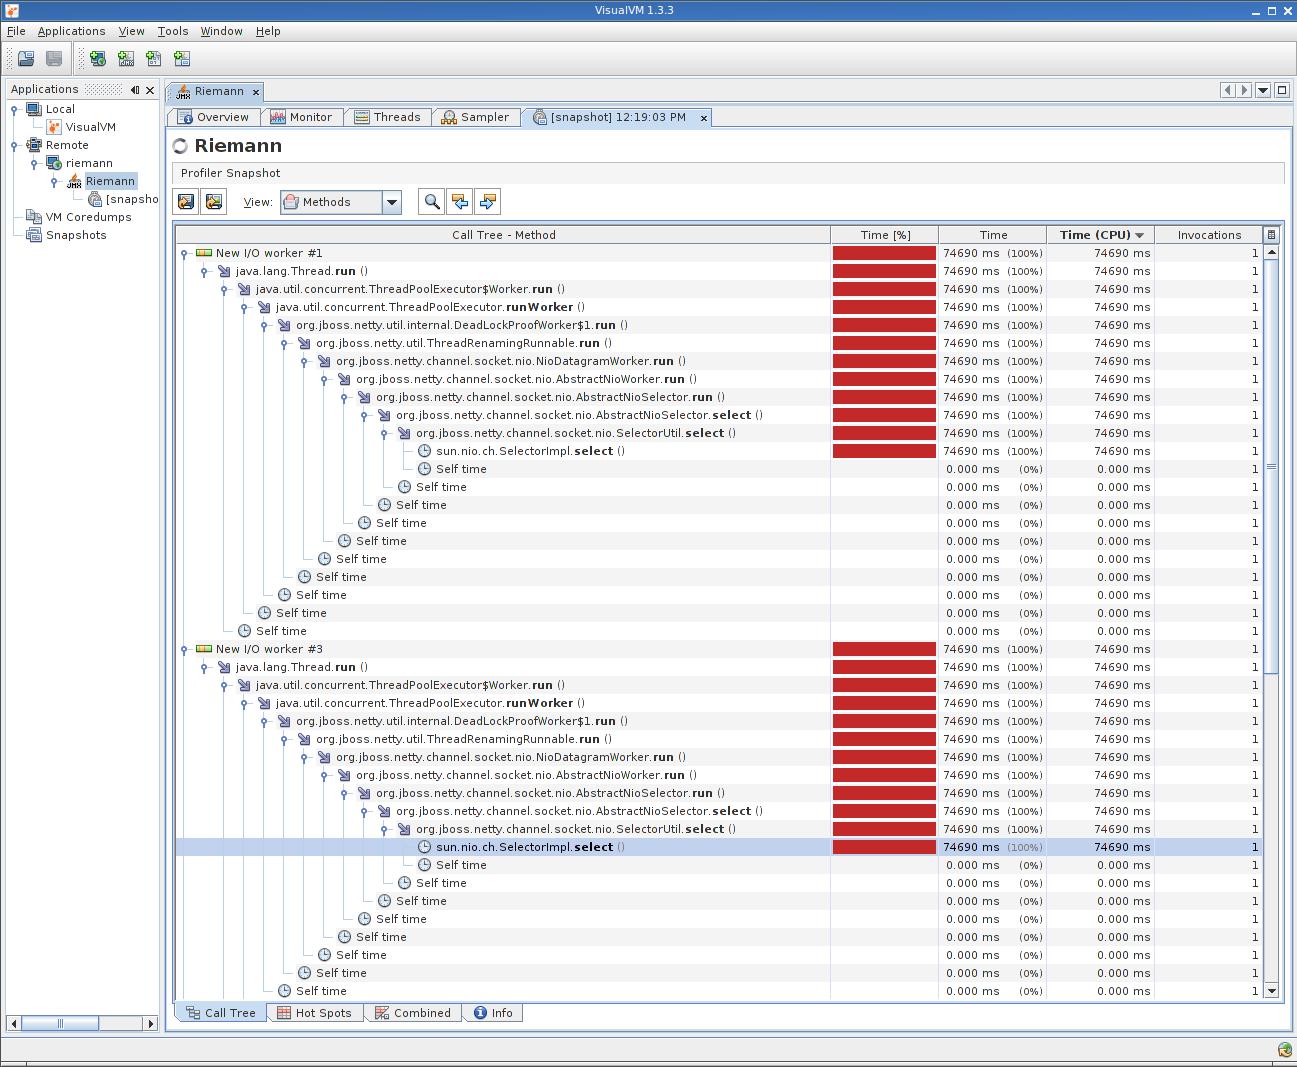 screenshot from 2013-05-03 13 57 06